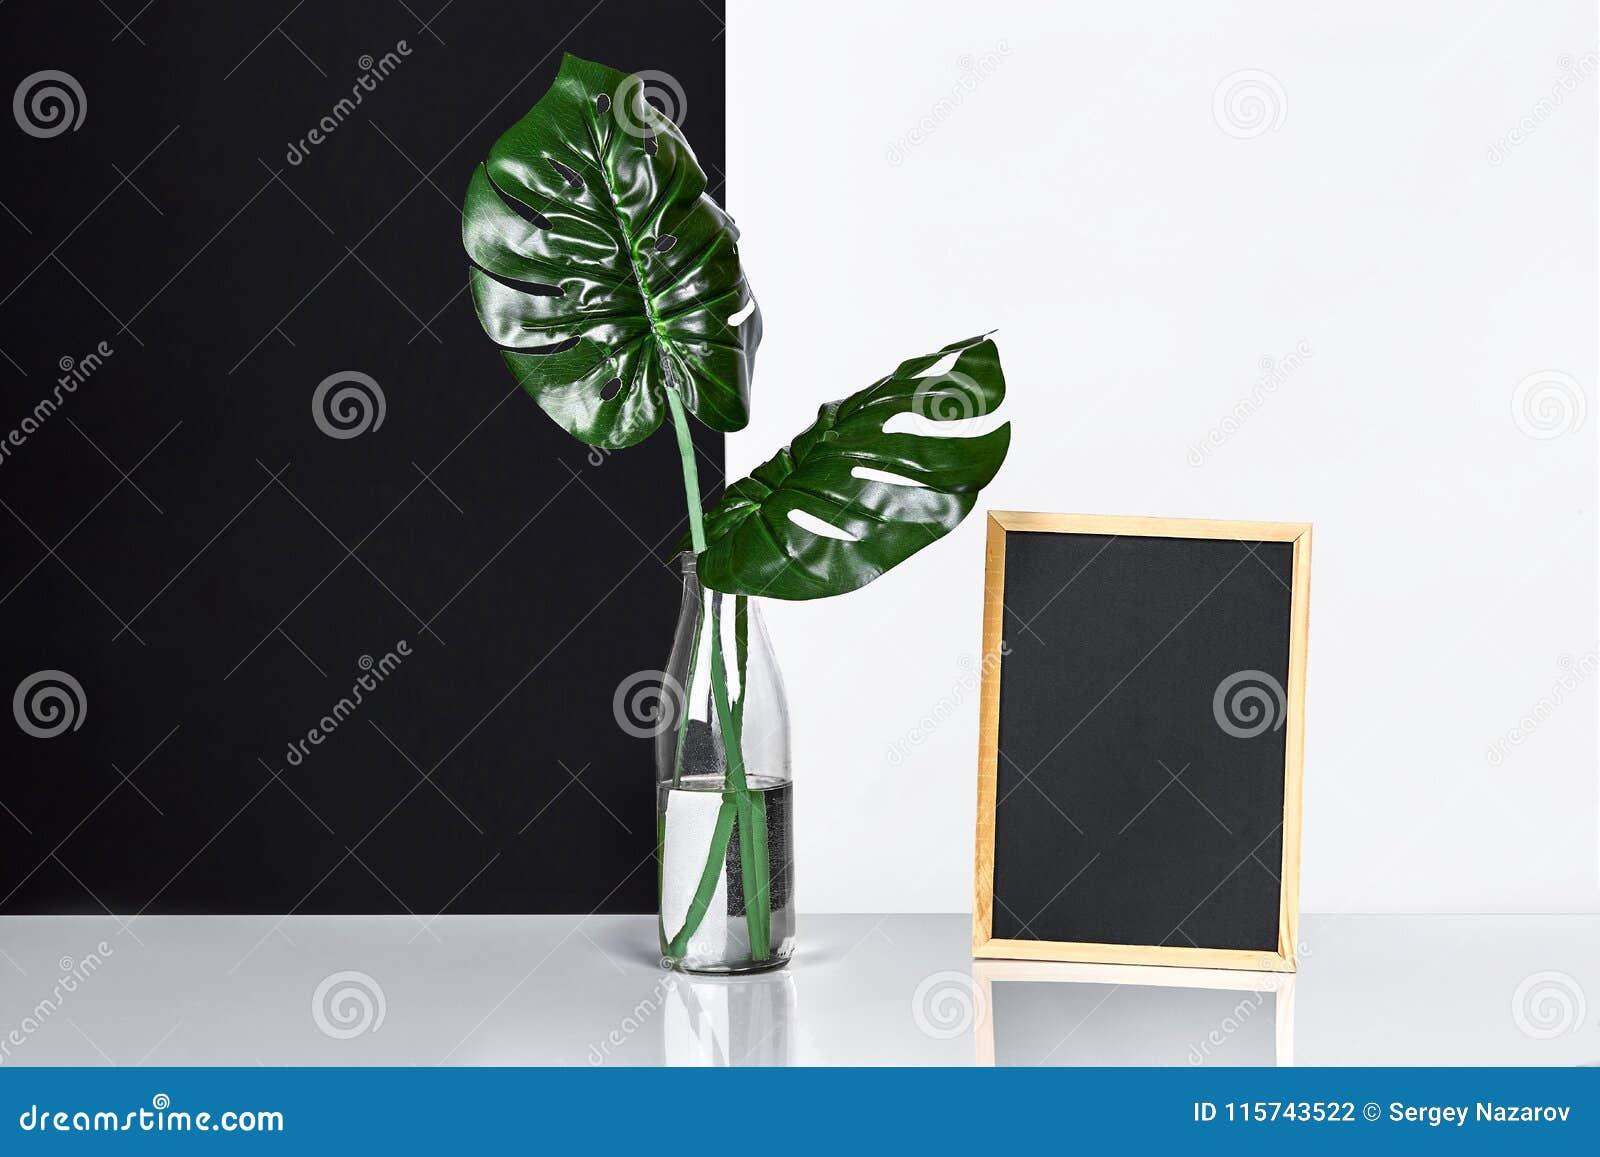 El interior elegante con mofa encima del marco del cartel, hojas en la botella de cristal en la tabla con la pared blanco y negro